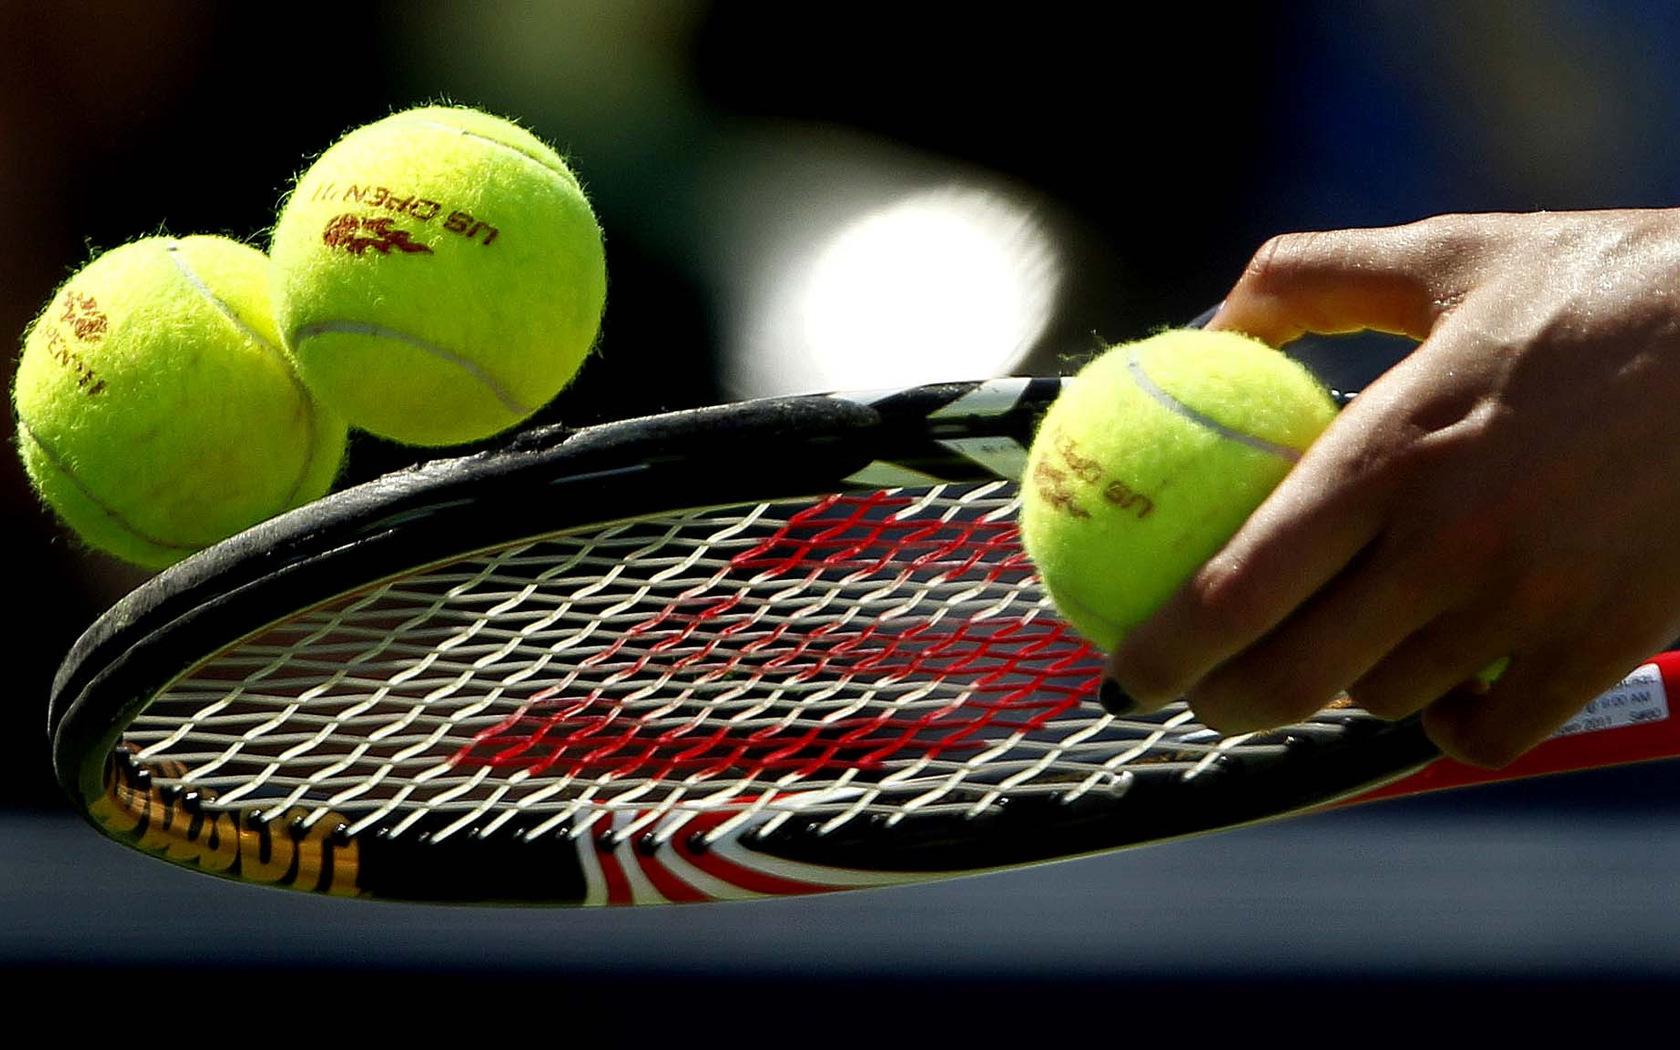 теннисный мяч  № 1367240 бесплатно